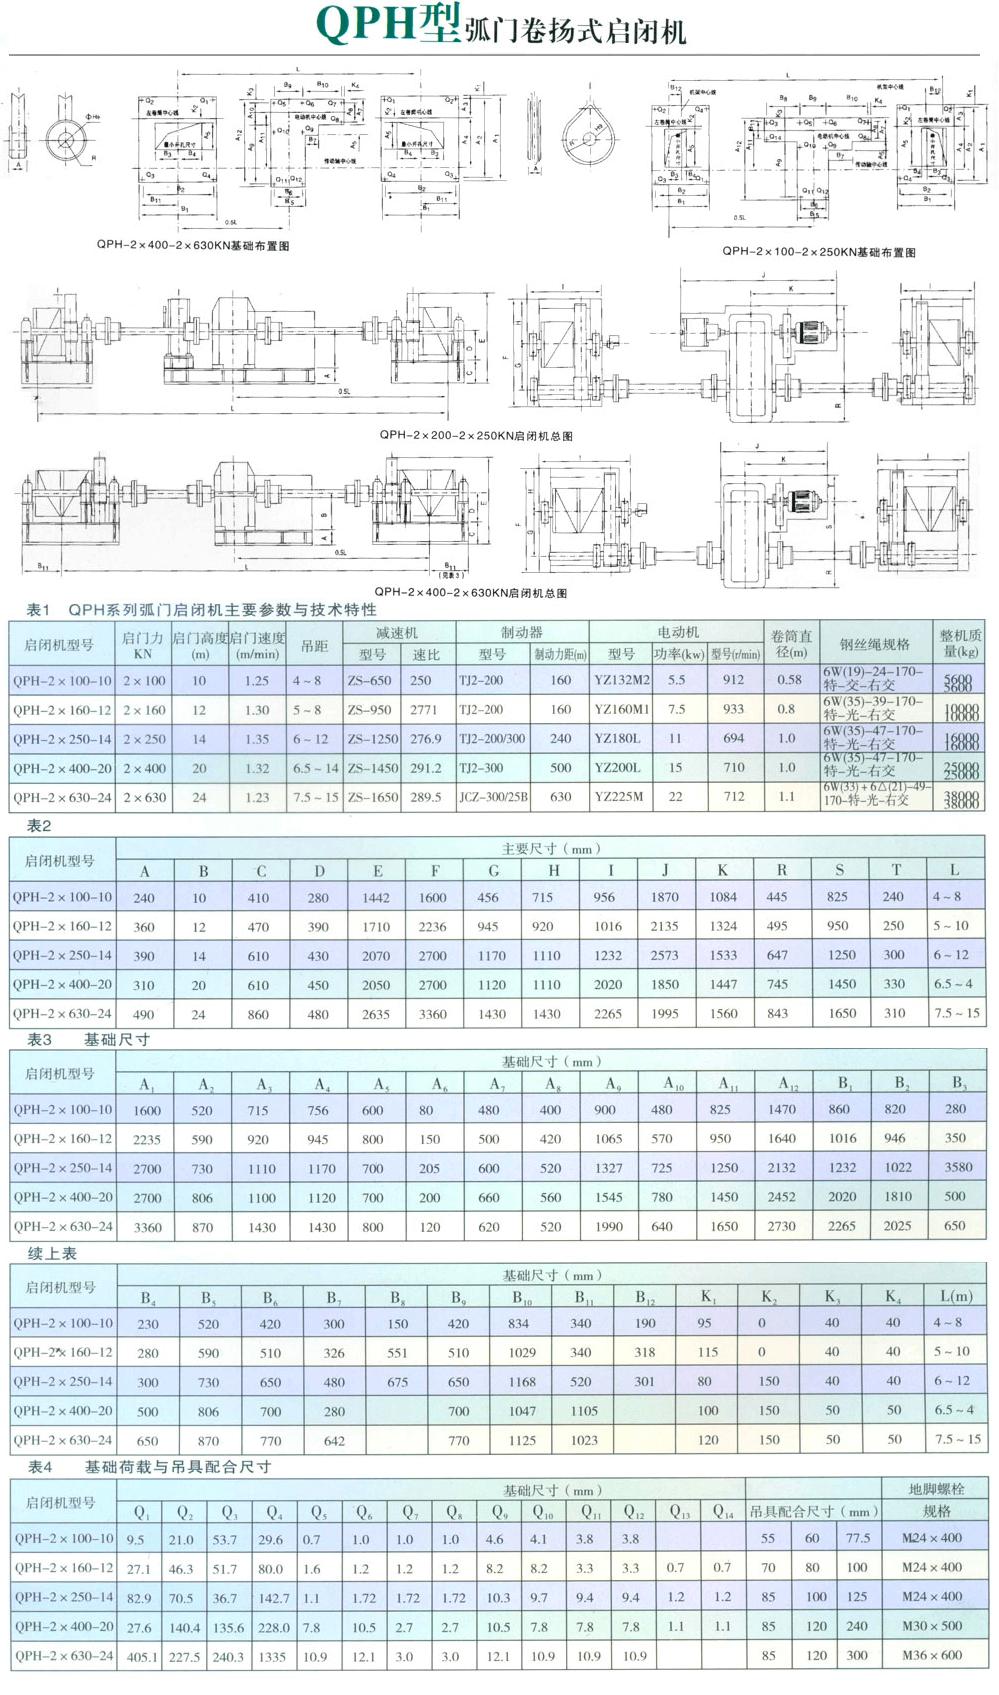 QPH型弧门卷扬式启闭机2×10-2×63T(图1)